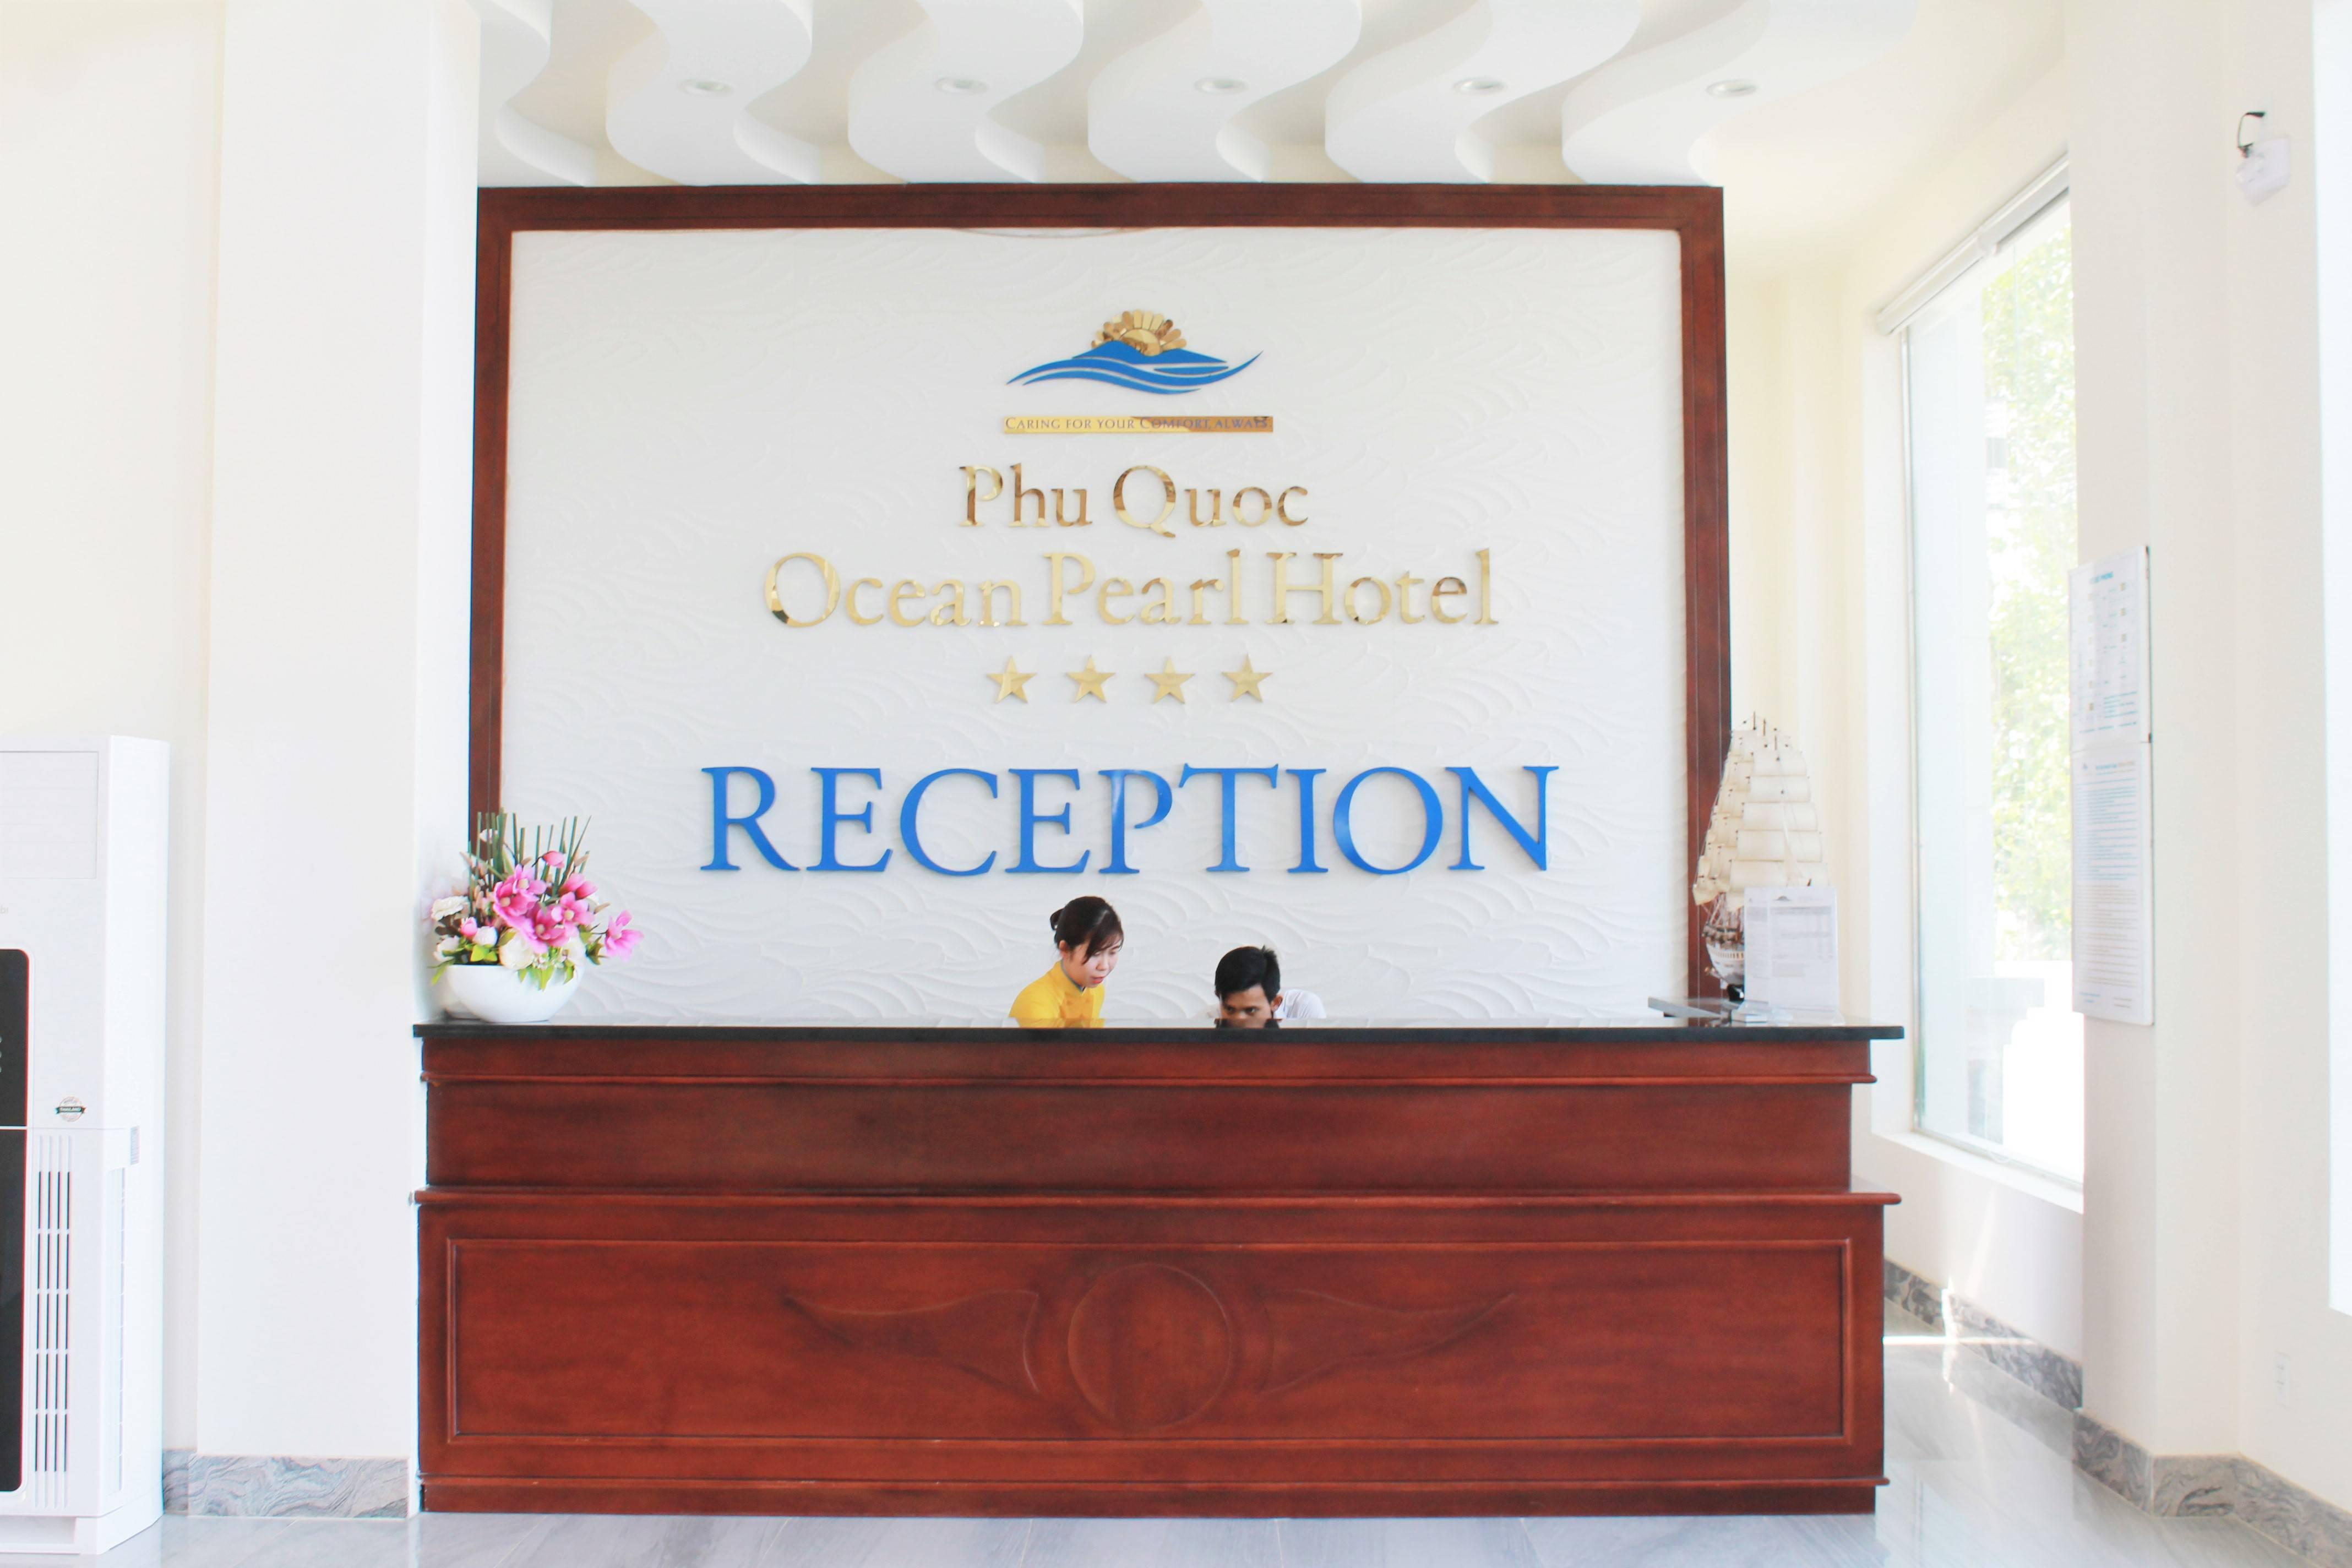 Phu Quoc Ocean Pearl